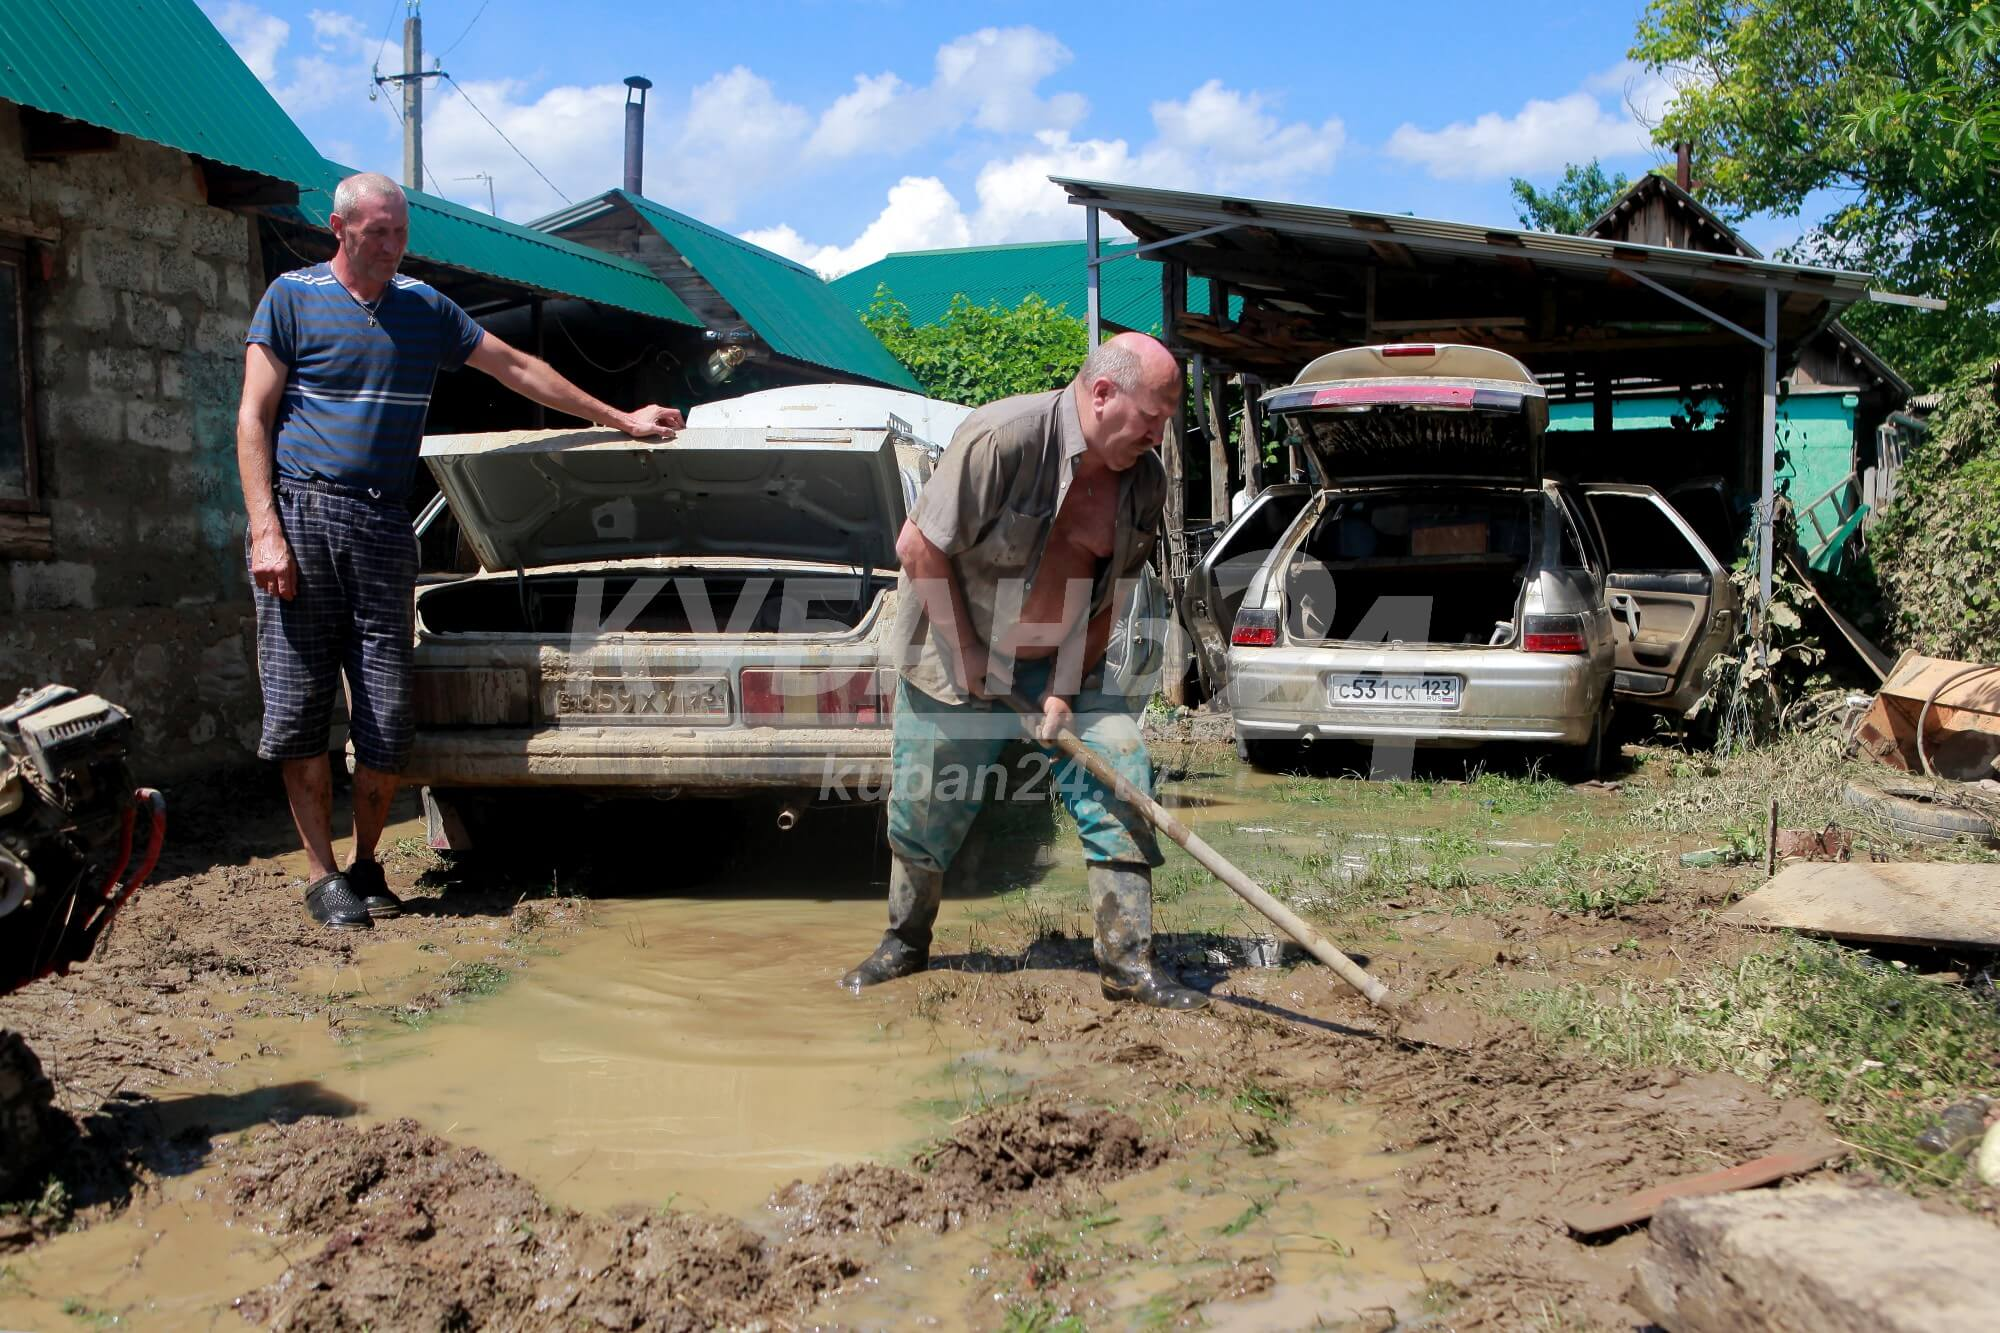 Прокуратура даст оценку властям районов Кубани, где произошли подтопления